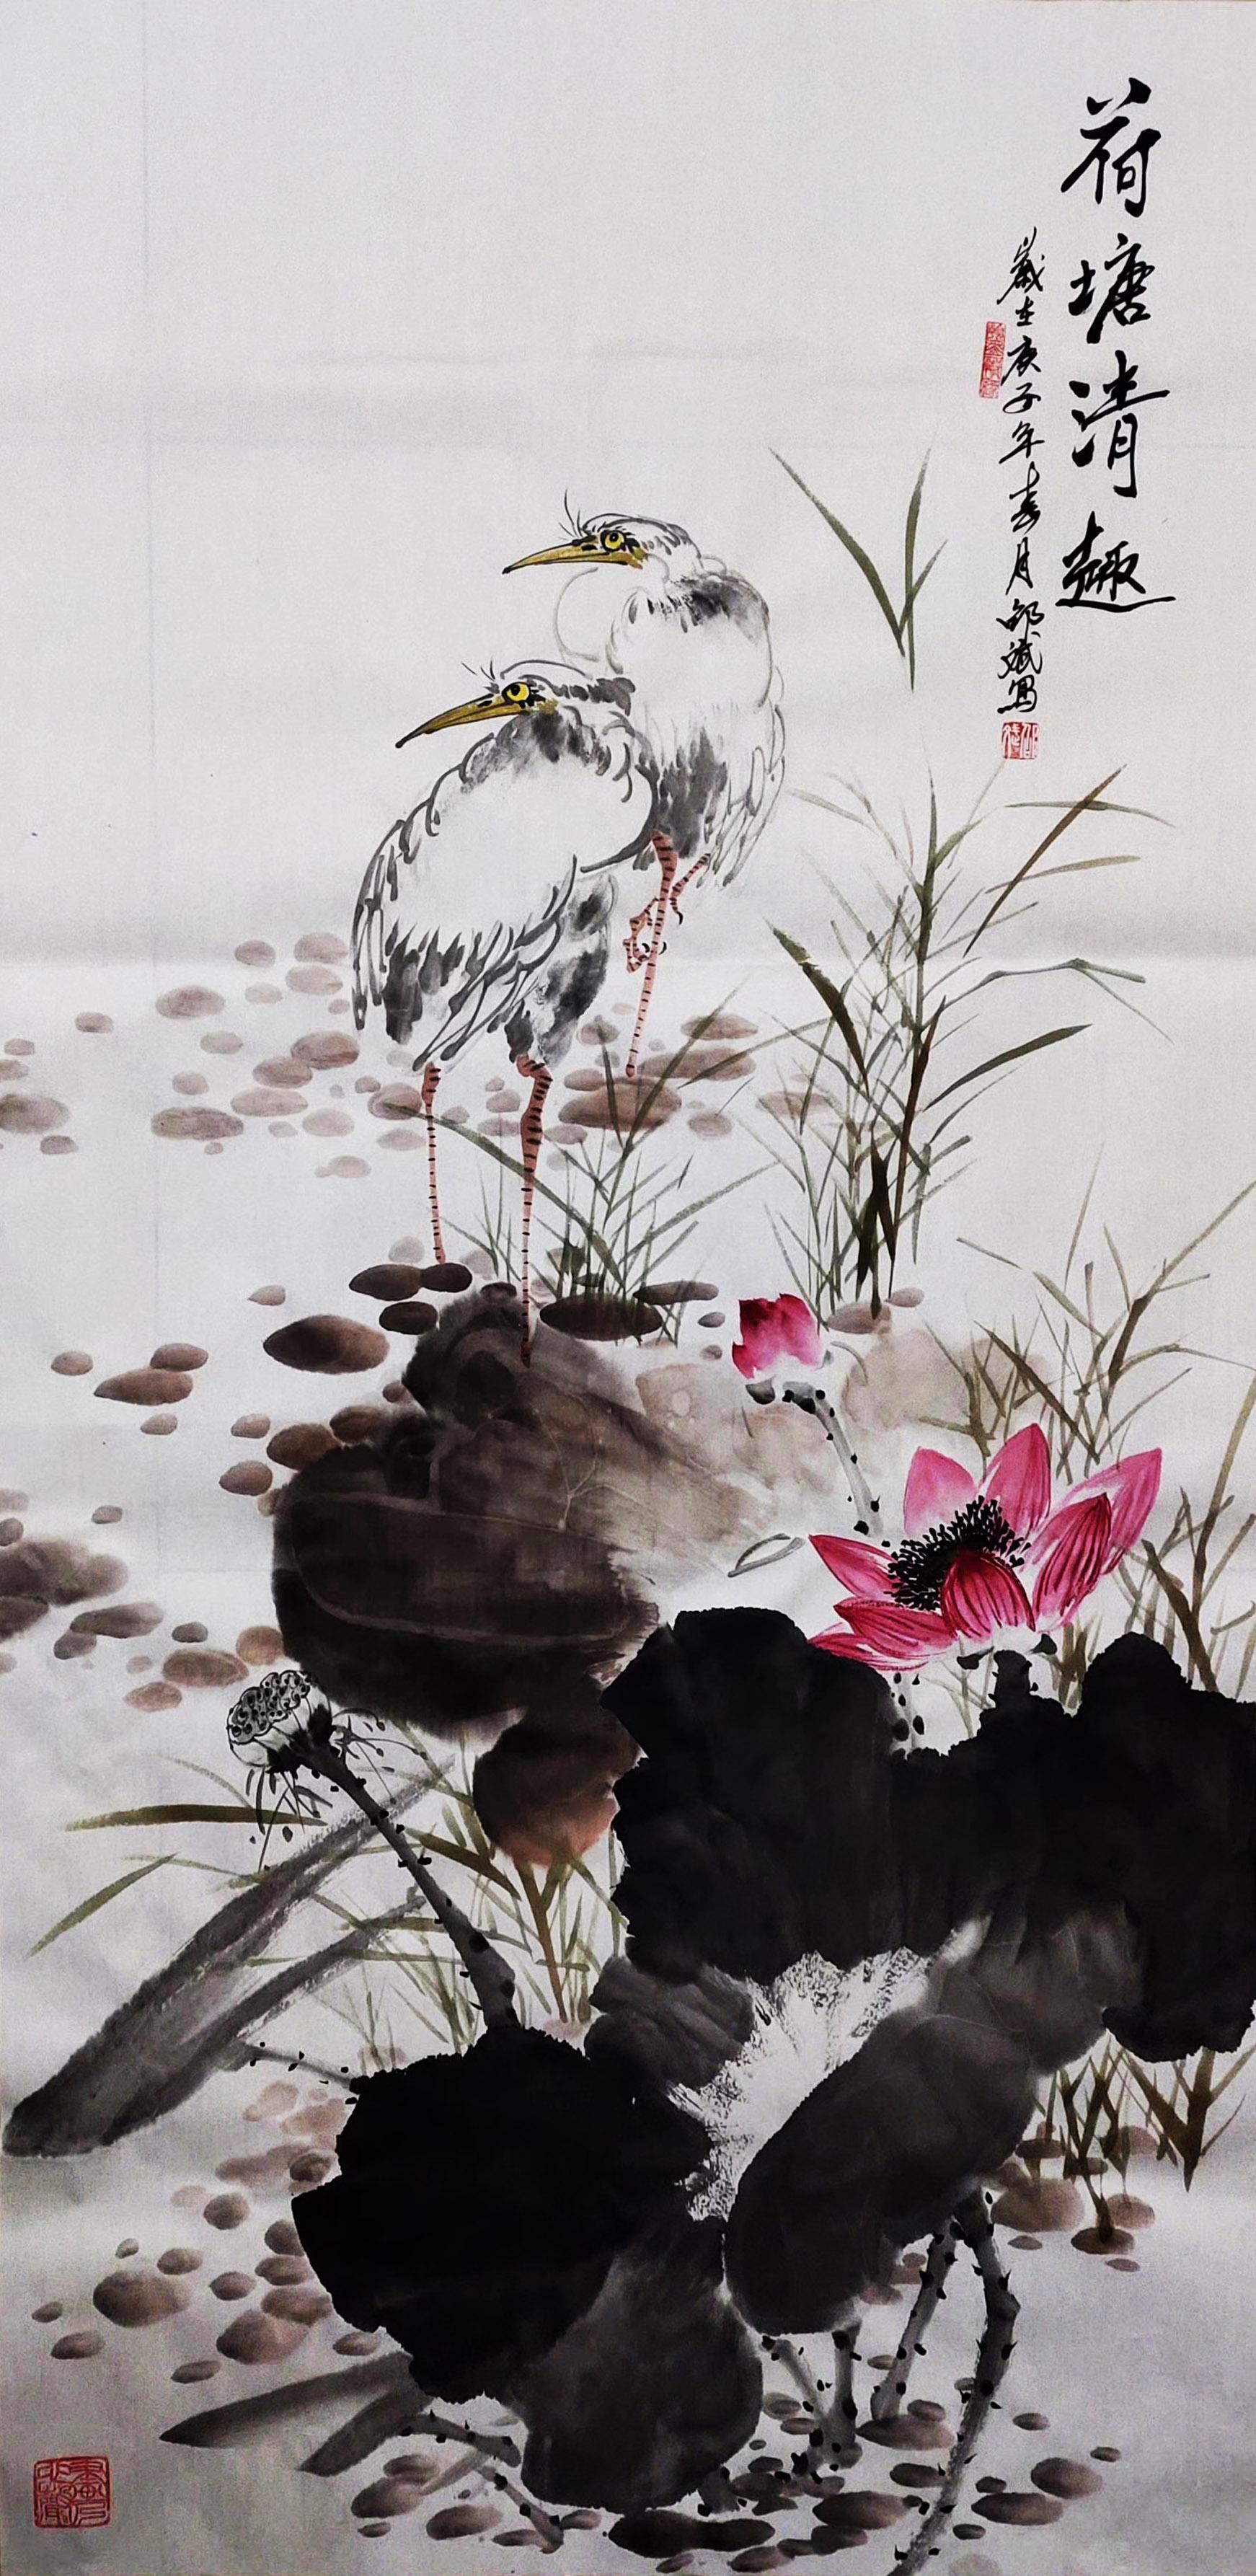 荷塘清趣中国画 荷花水鸟国画 庚子年春月邵斌写意花鸟画